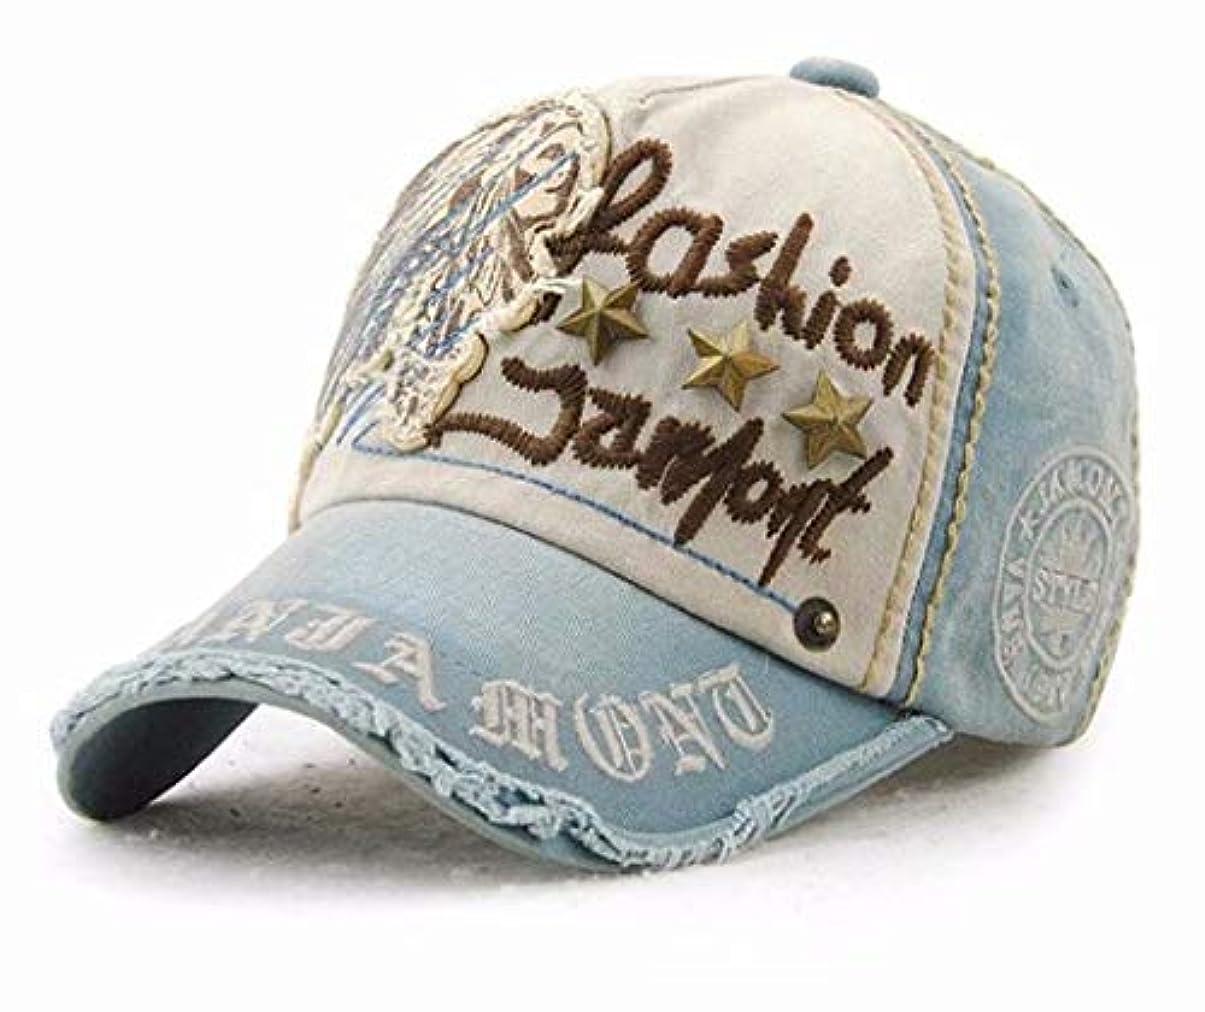 オーバーコートサーフィンインスタント七里の香 リベットの刺繍の野球帽を ファッションのカウボーイハットをピークに、キャップ